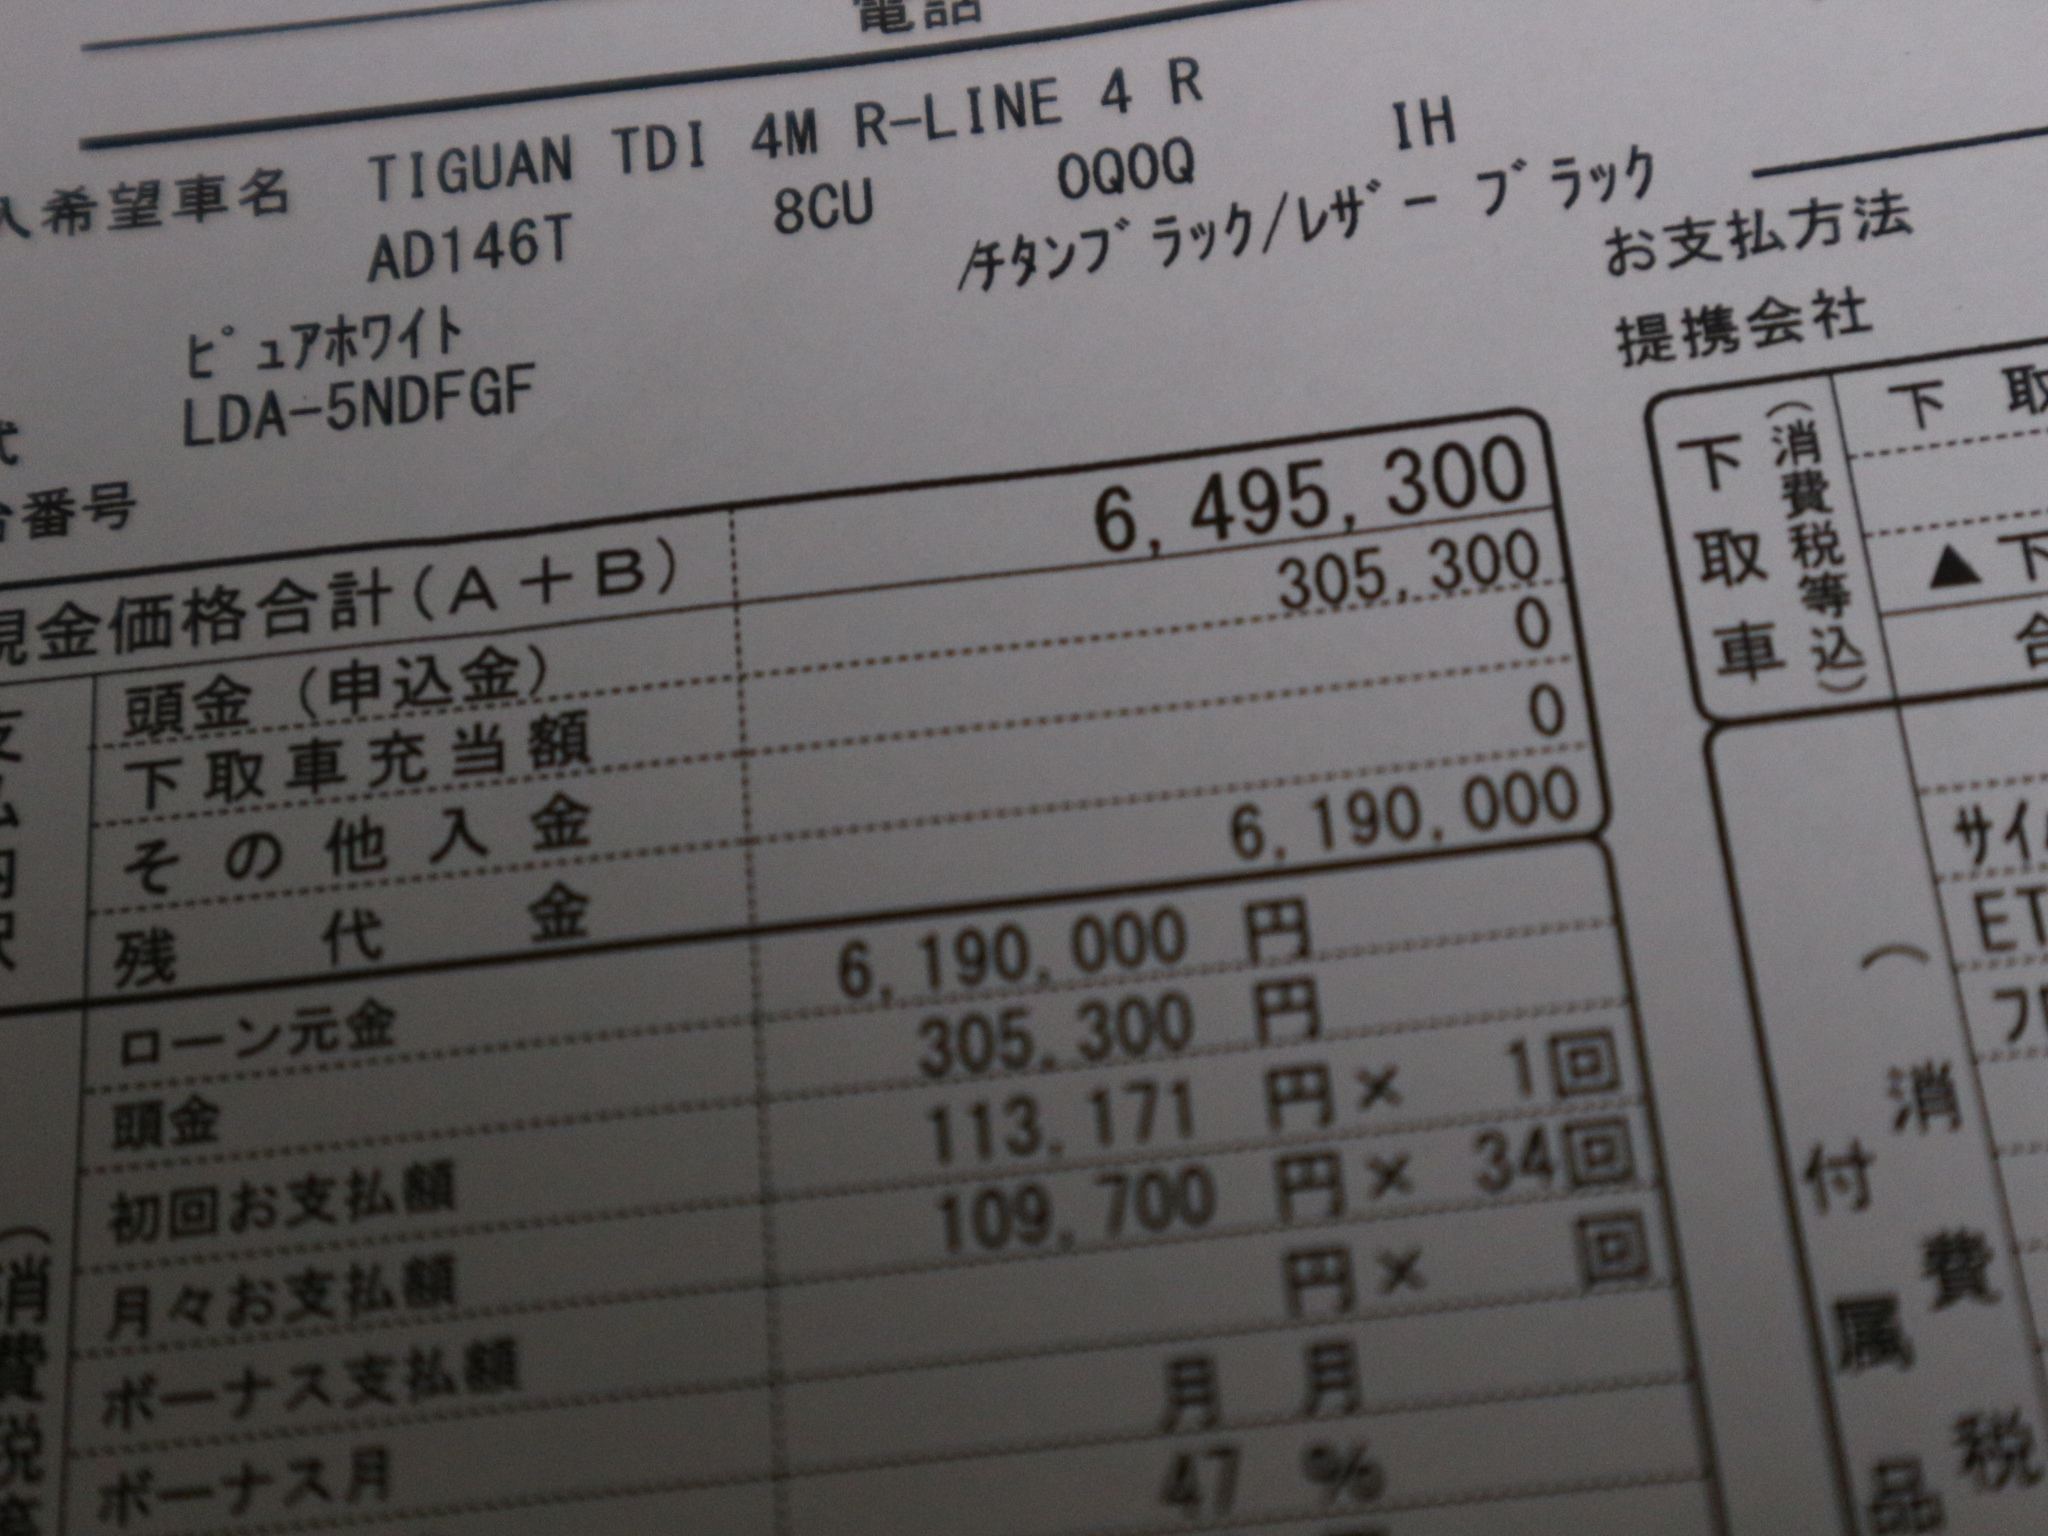 tiguan44.jpg